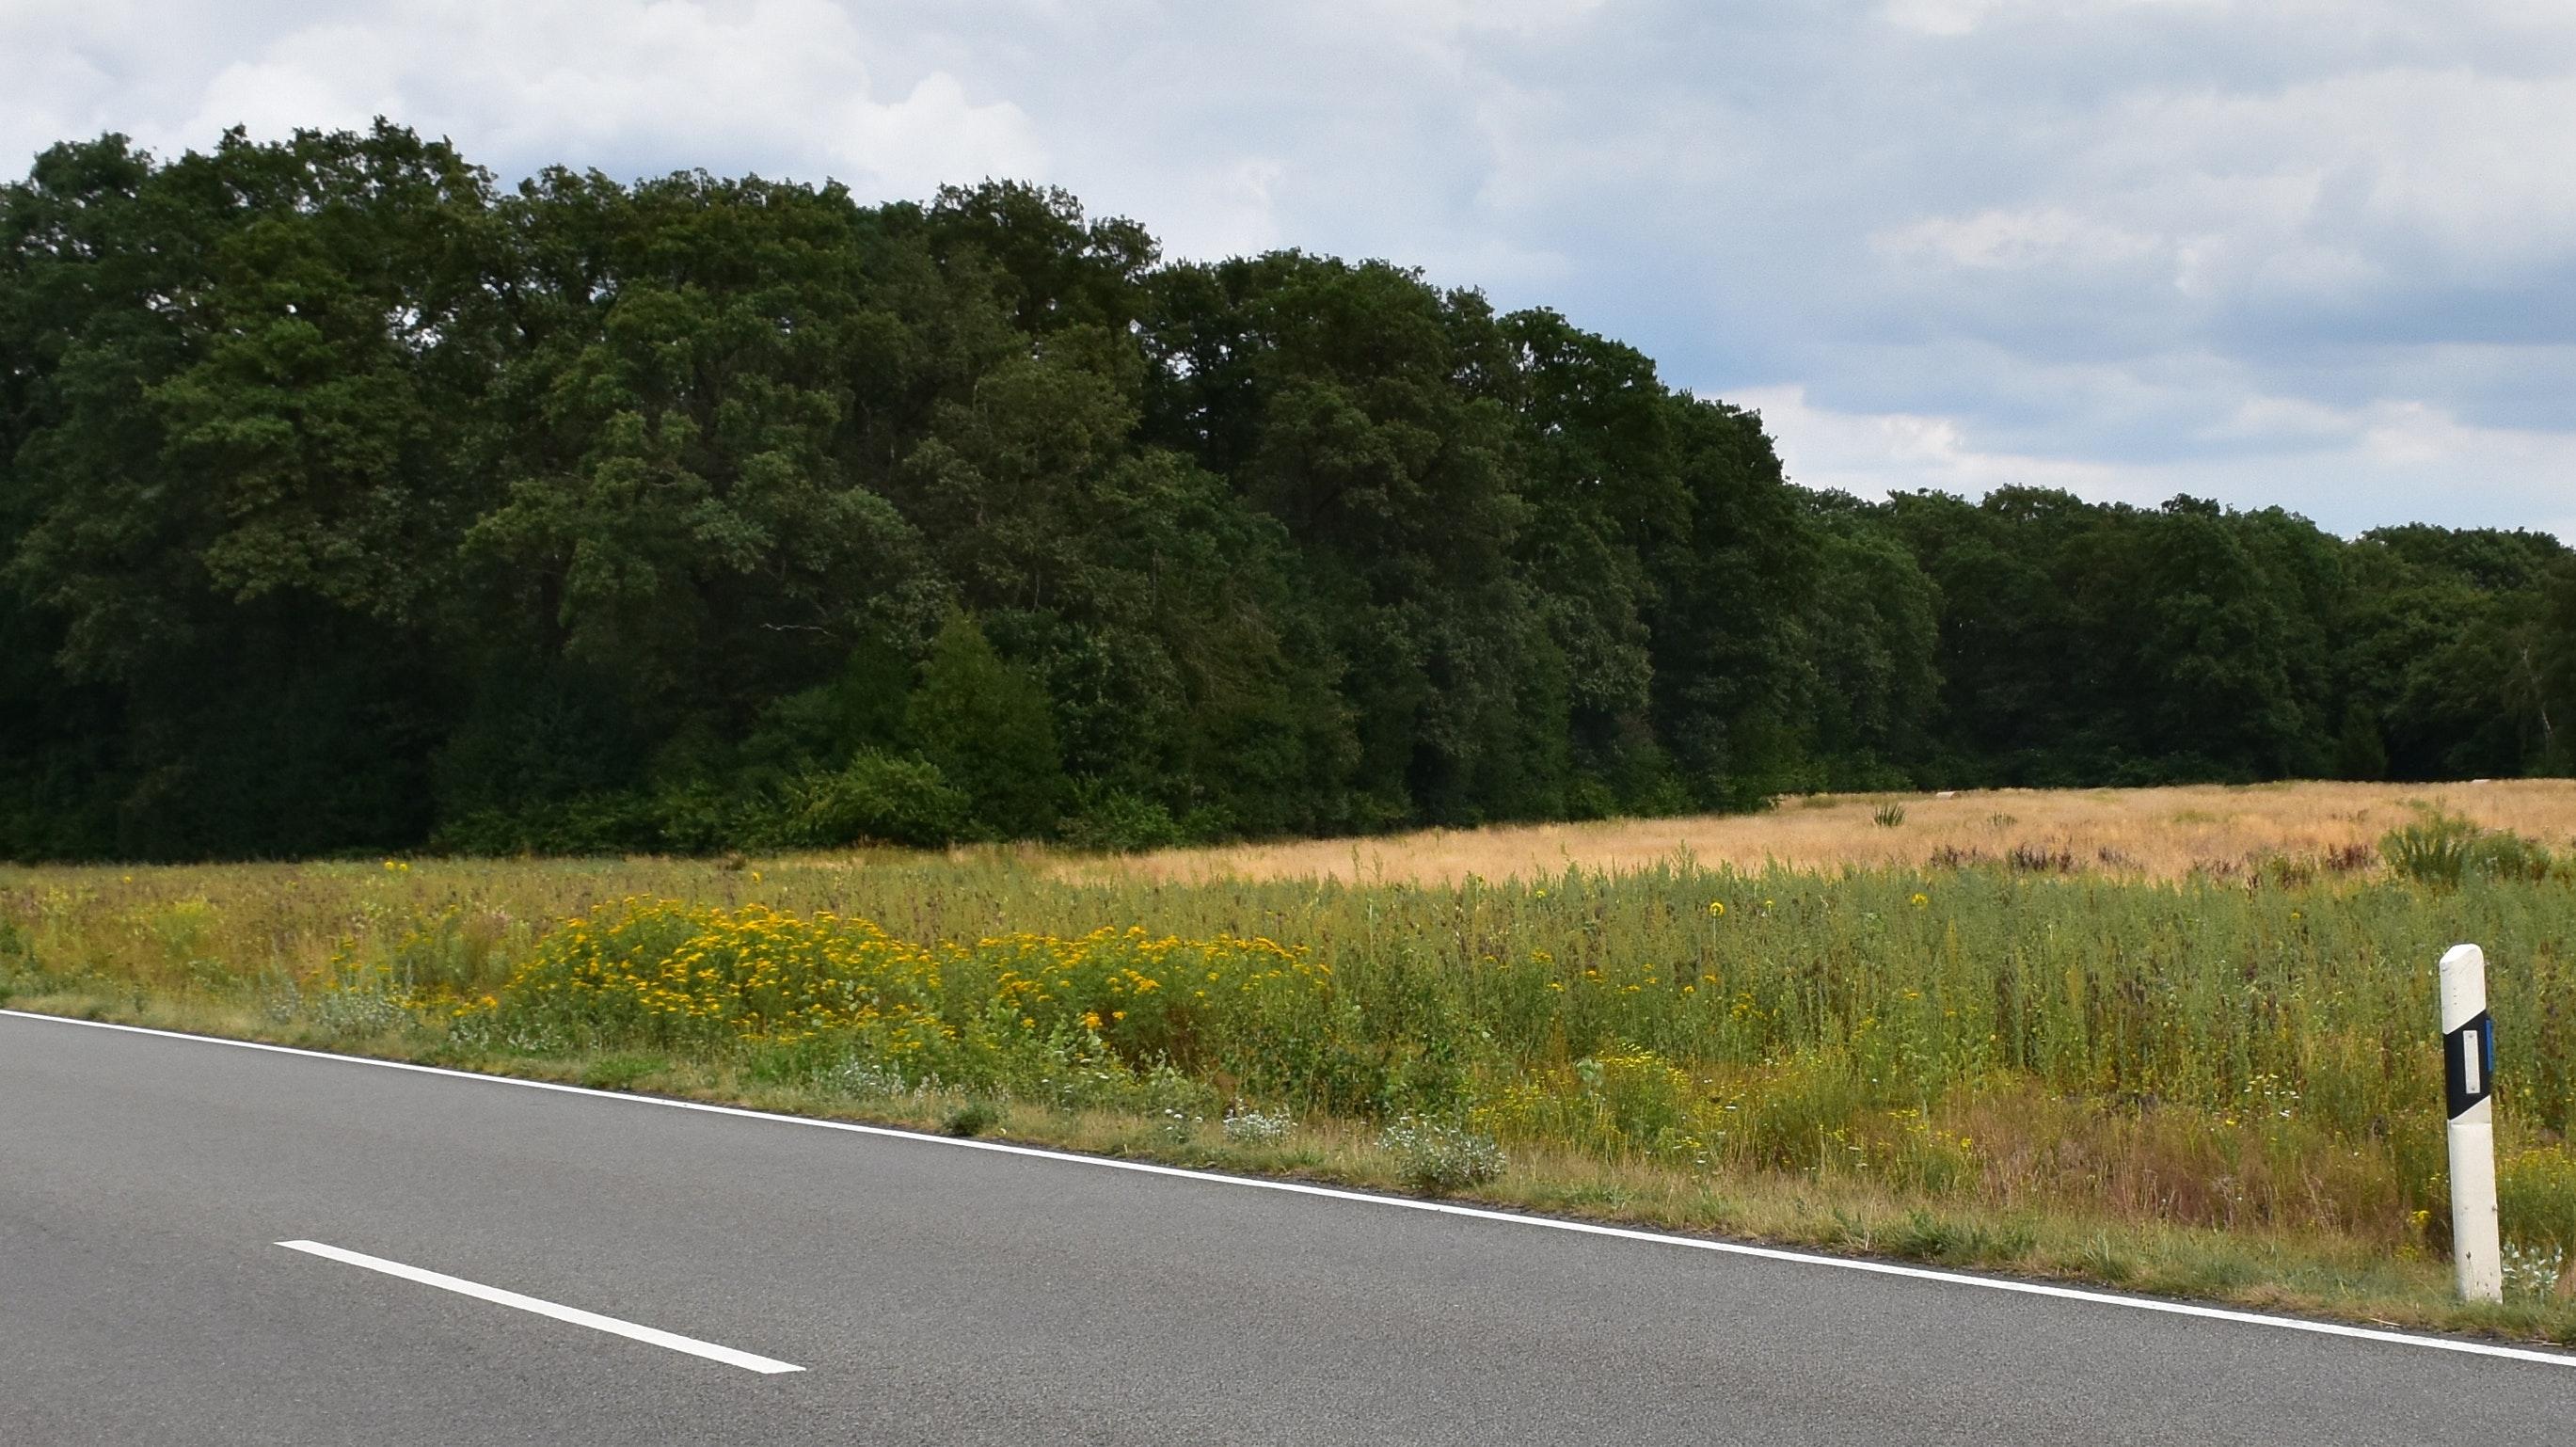 Der Wald bleibt, aber die Ackerfläche rechts davon soll einem Gewerbegebiet weichen. Archivfoto: Böckmann